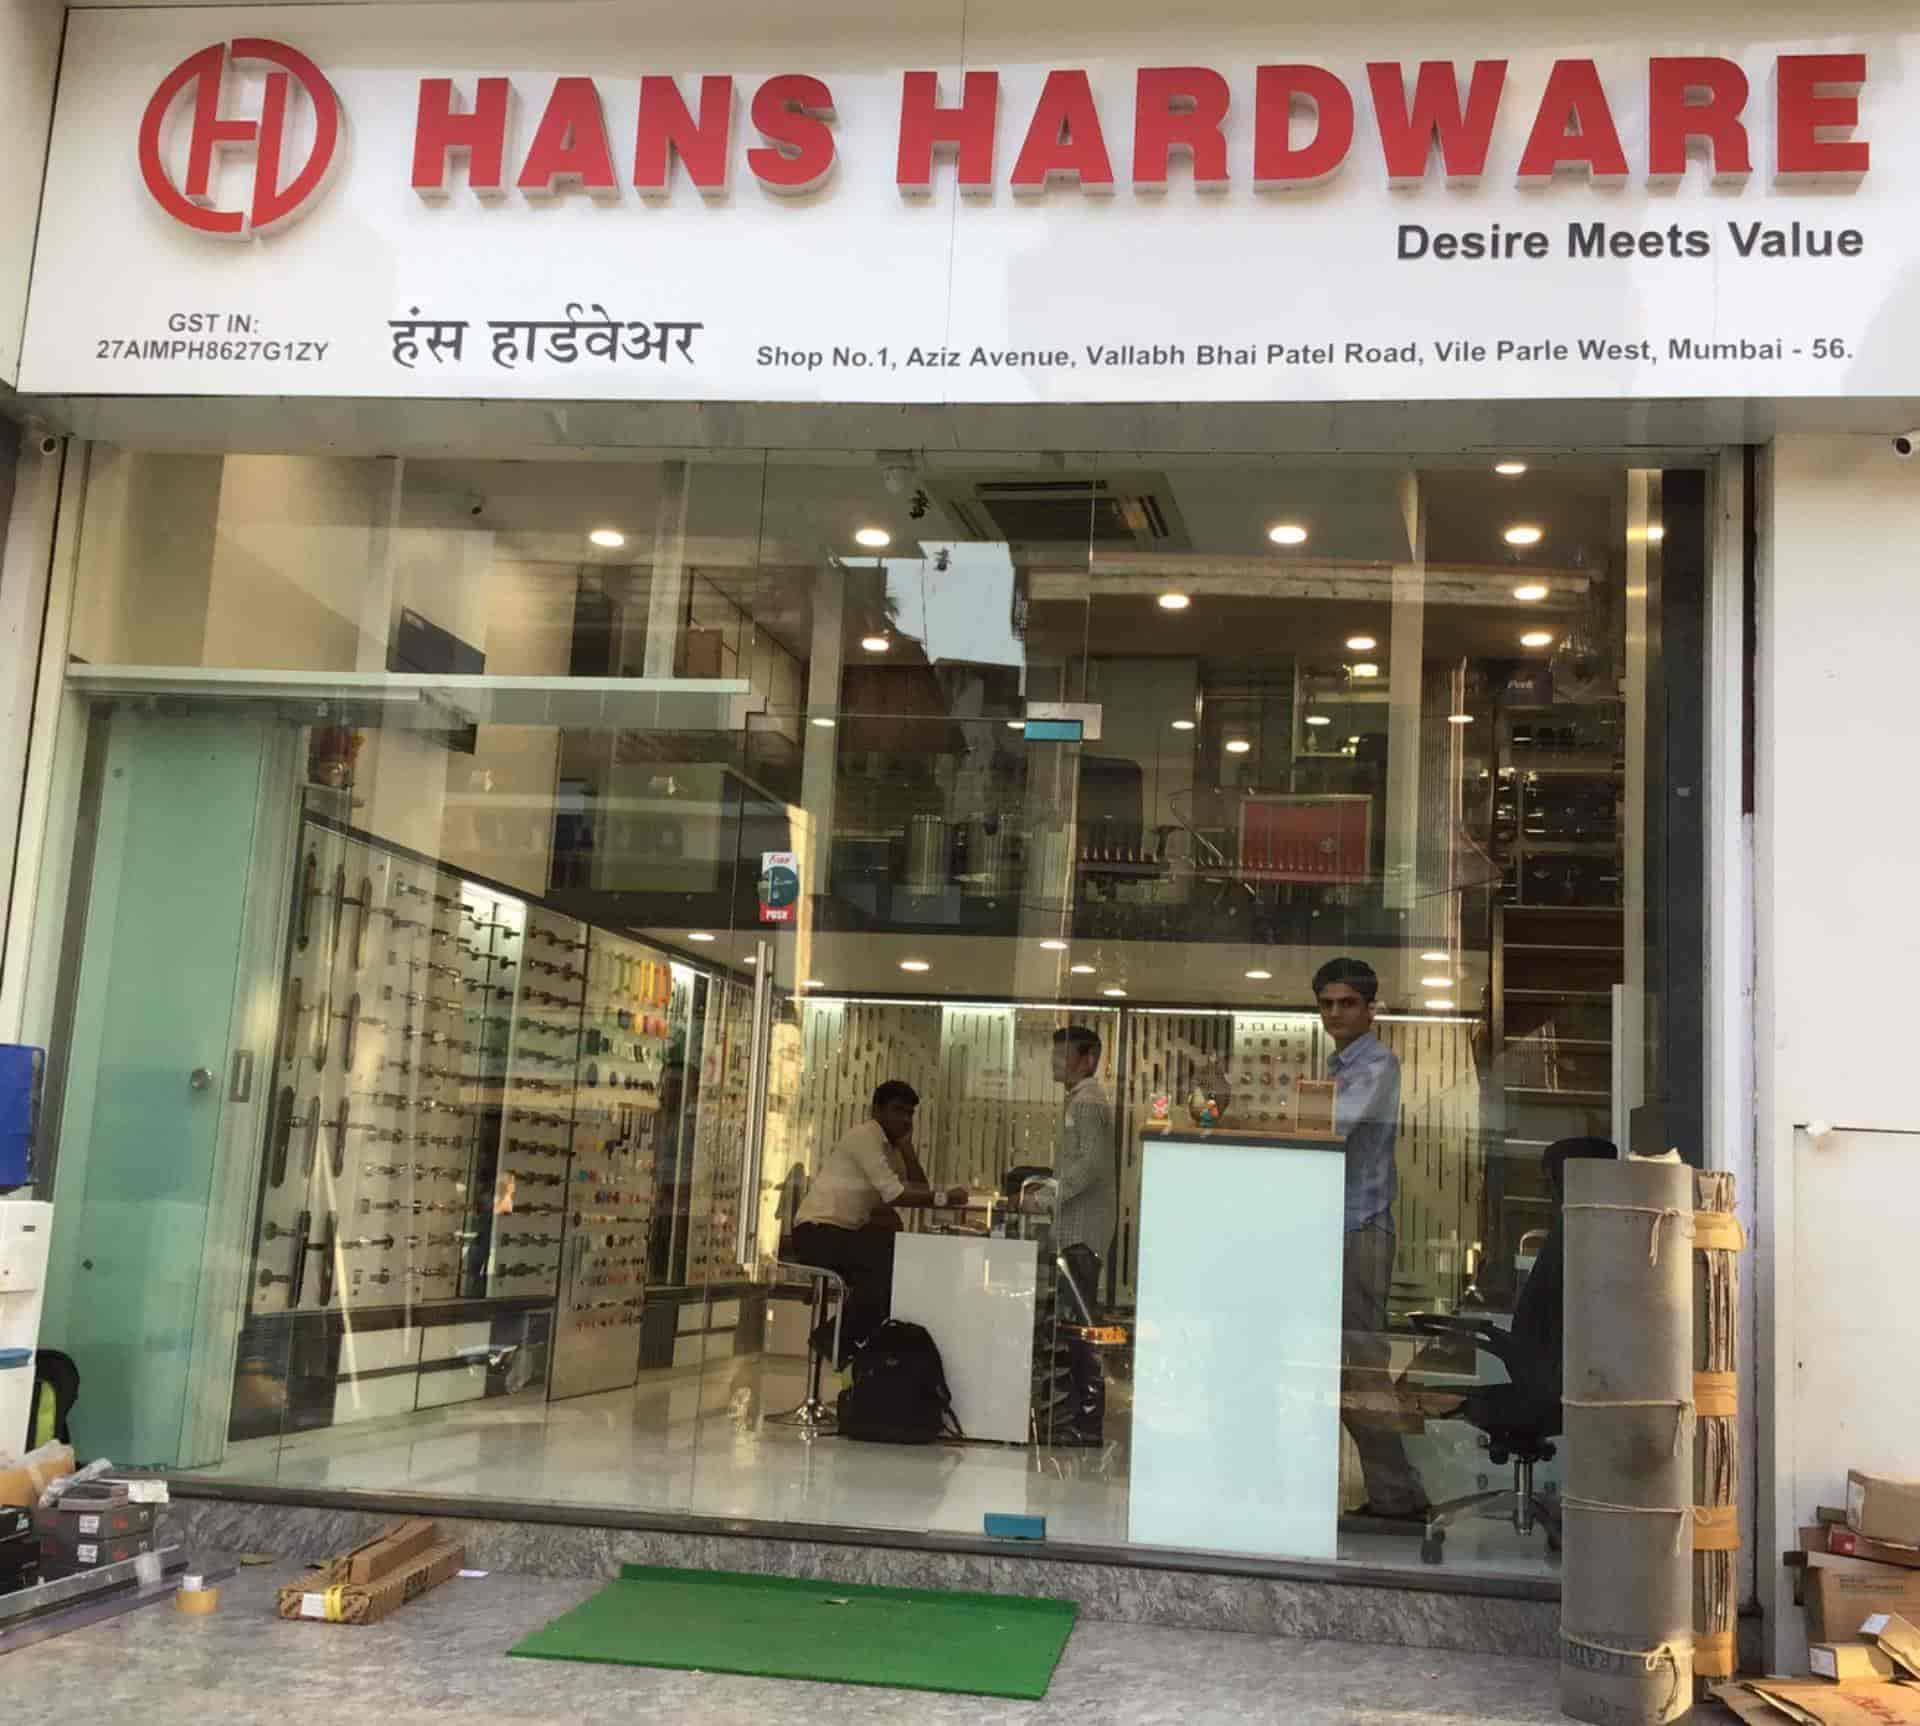 Top 50 Hafele Hardware Dealers in Mumbai - Best Hafele